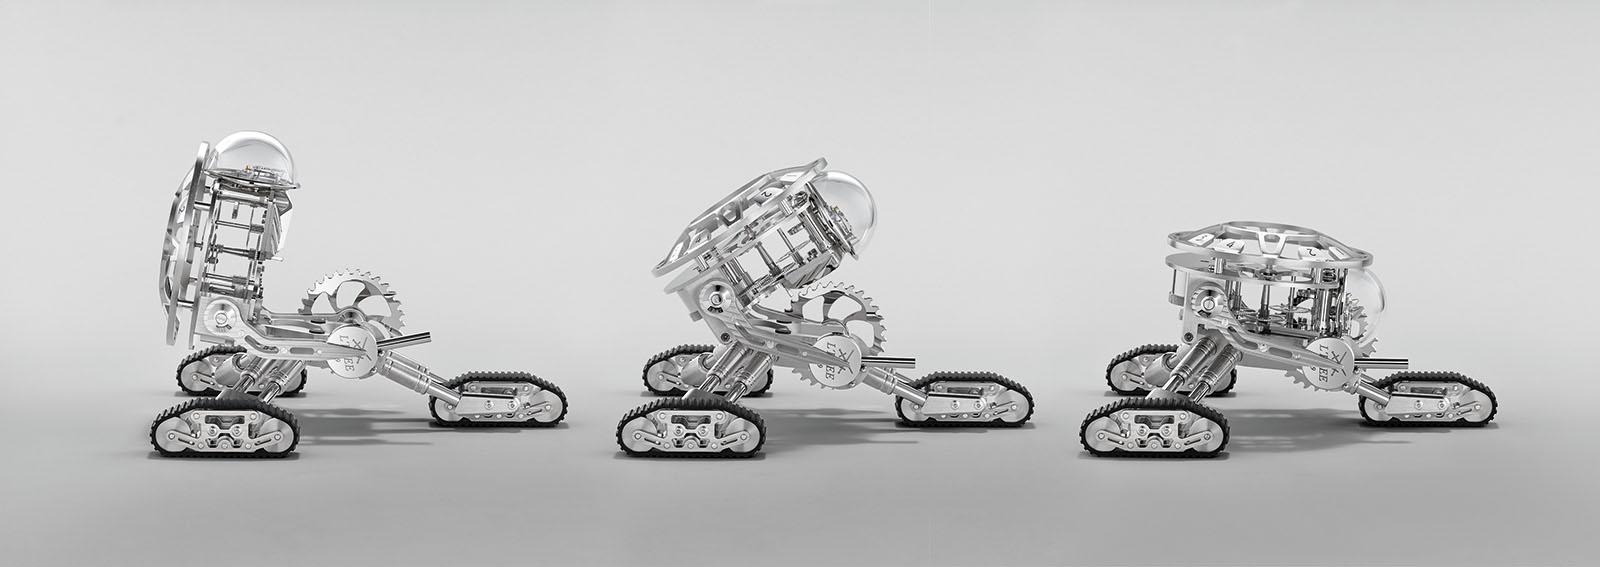 MB&F Grant Robot 5